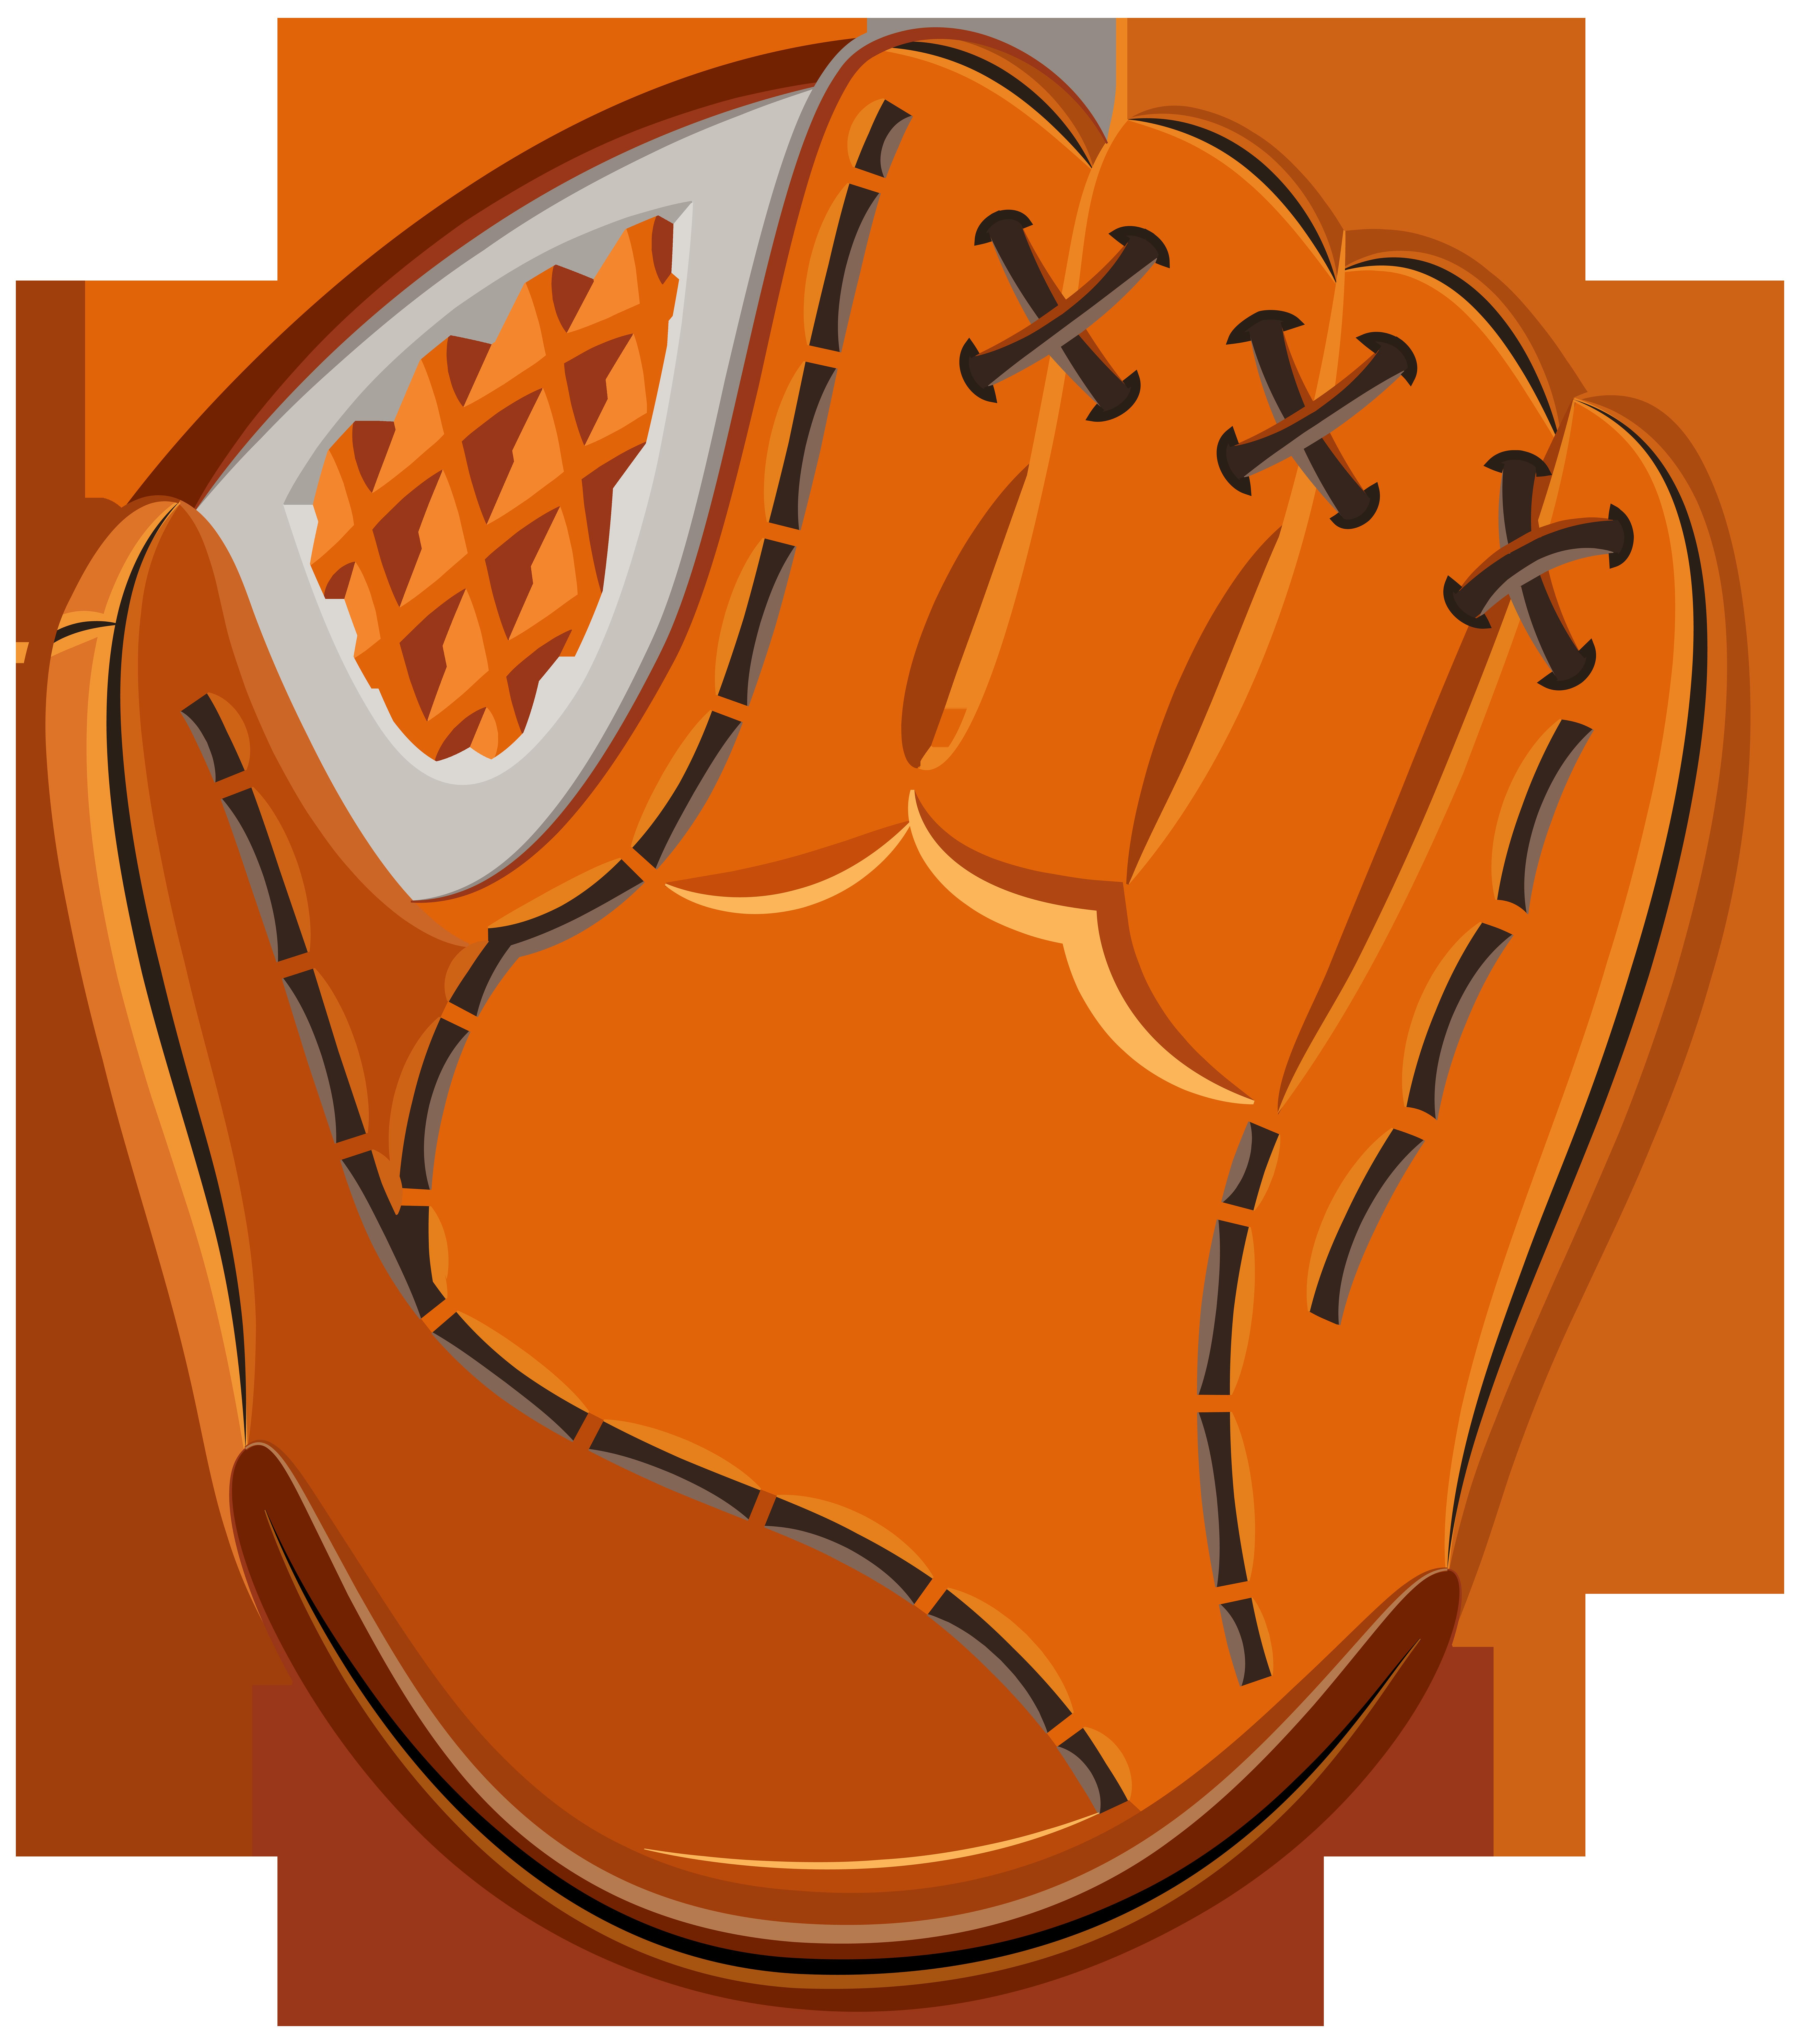 Mittens clipart baseball. Glove png clip art